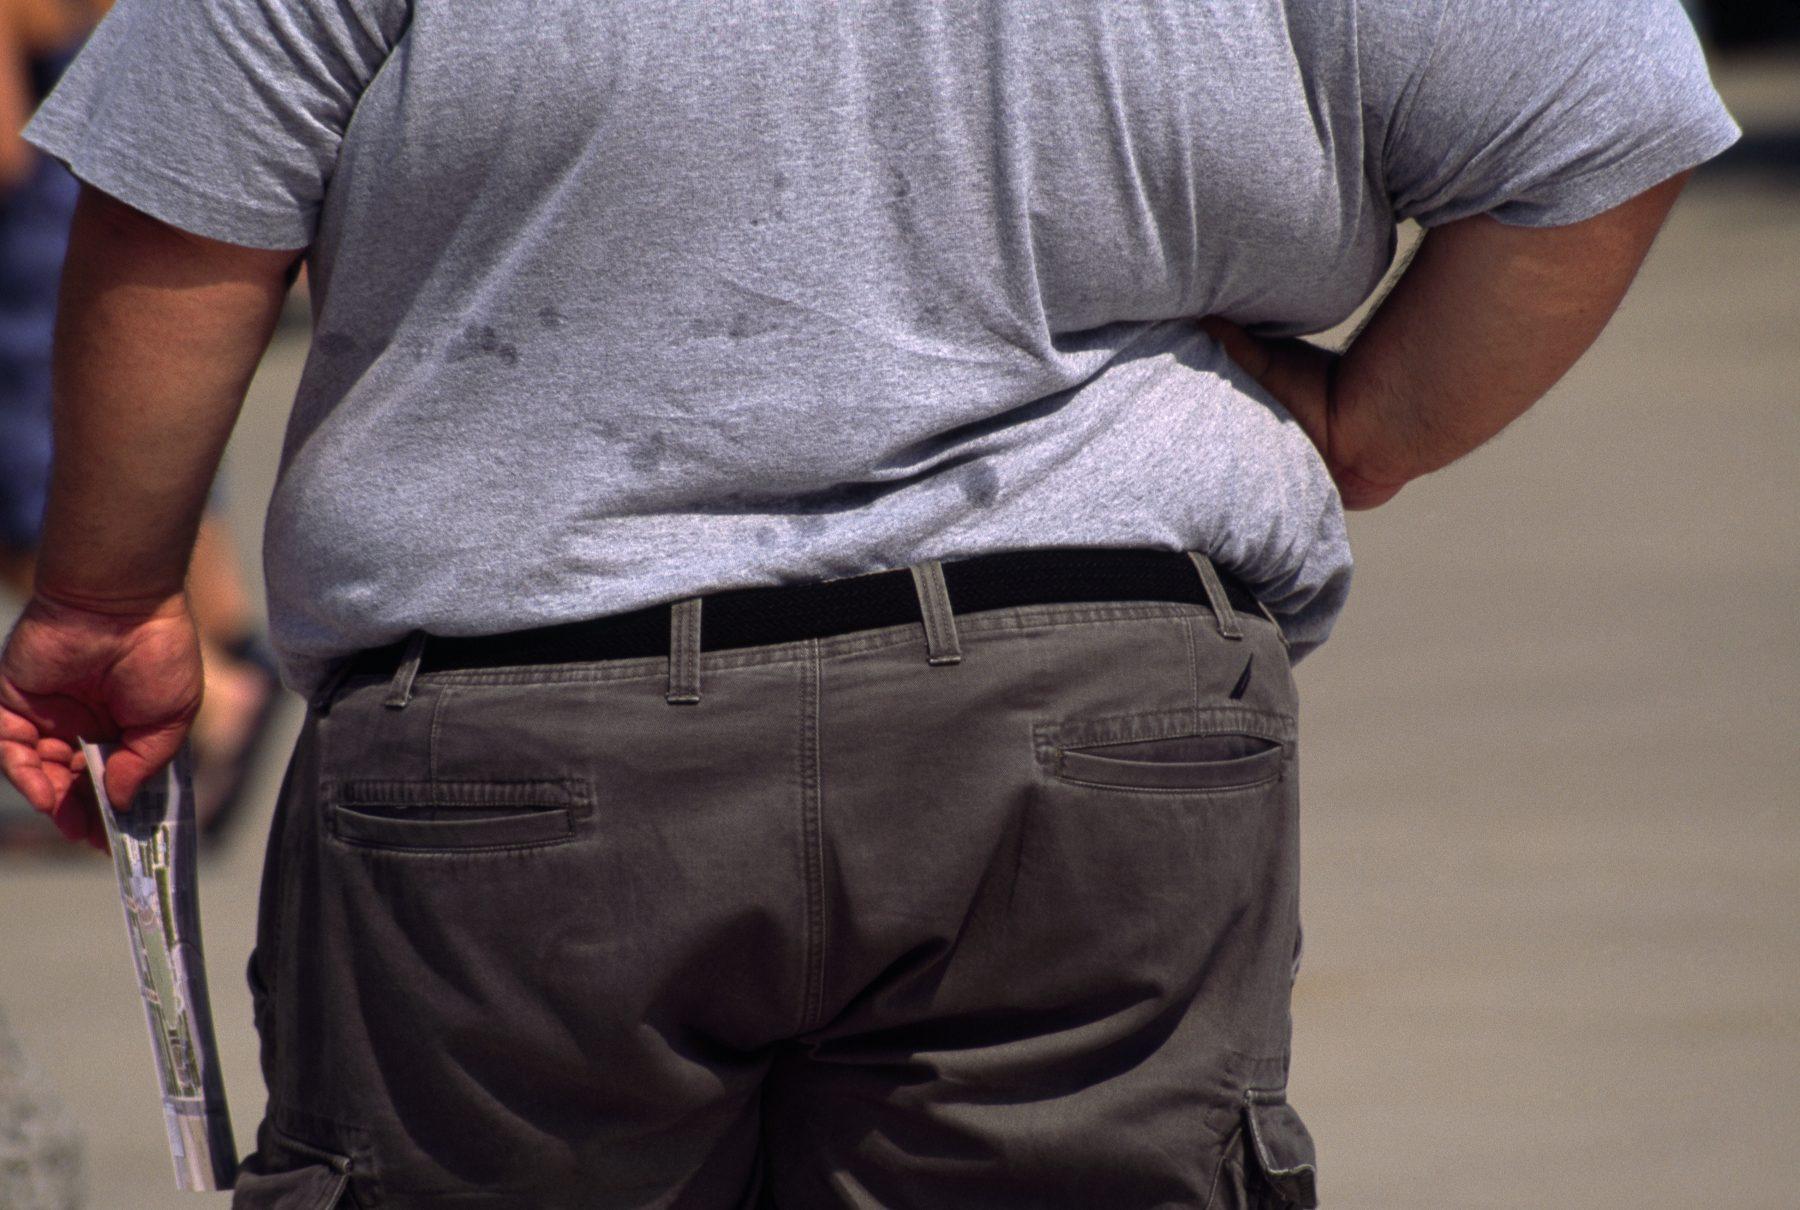 Zo is het om morbide obesitas te hebben in de Verenigde Staten